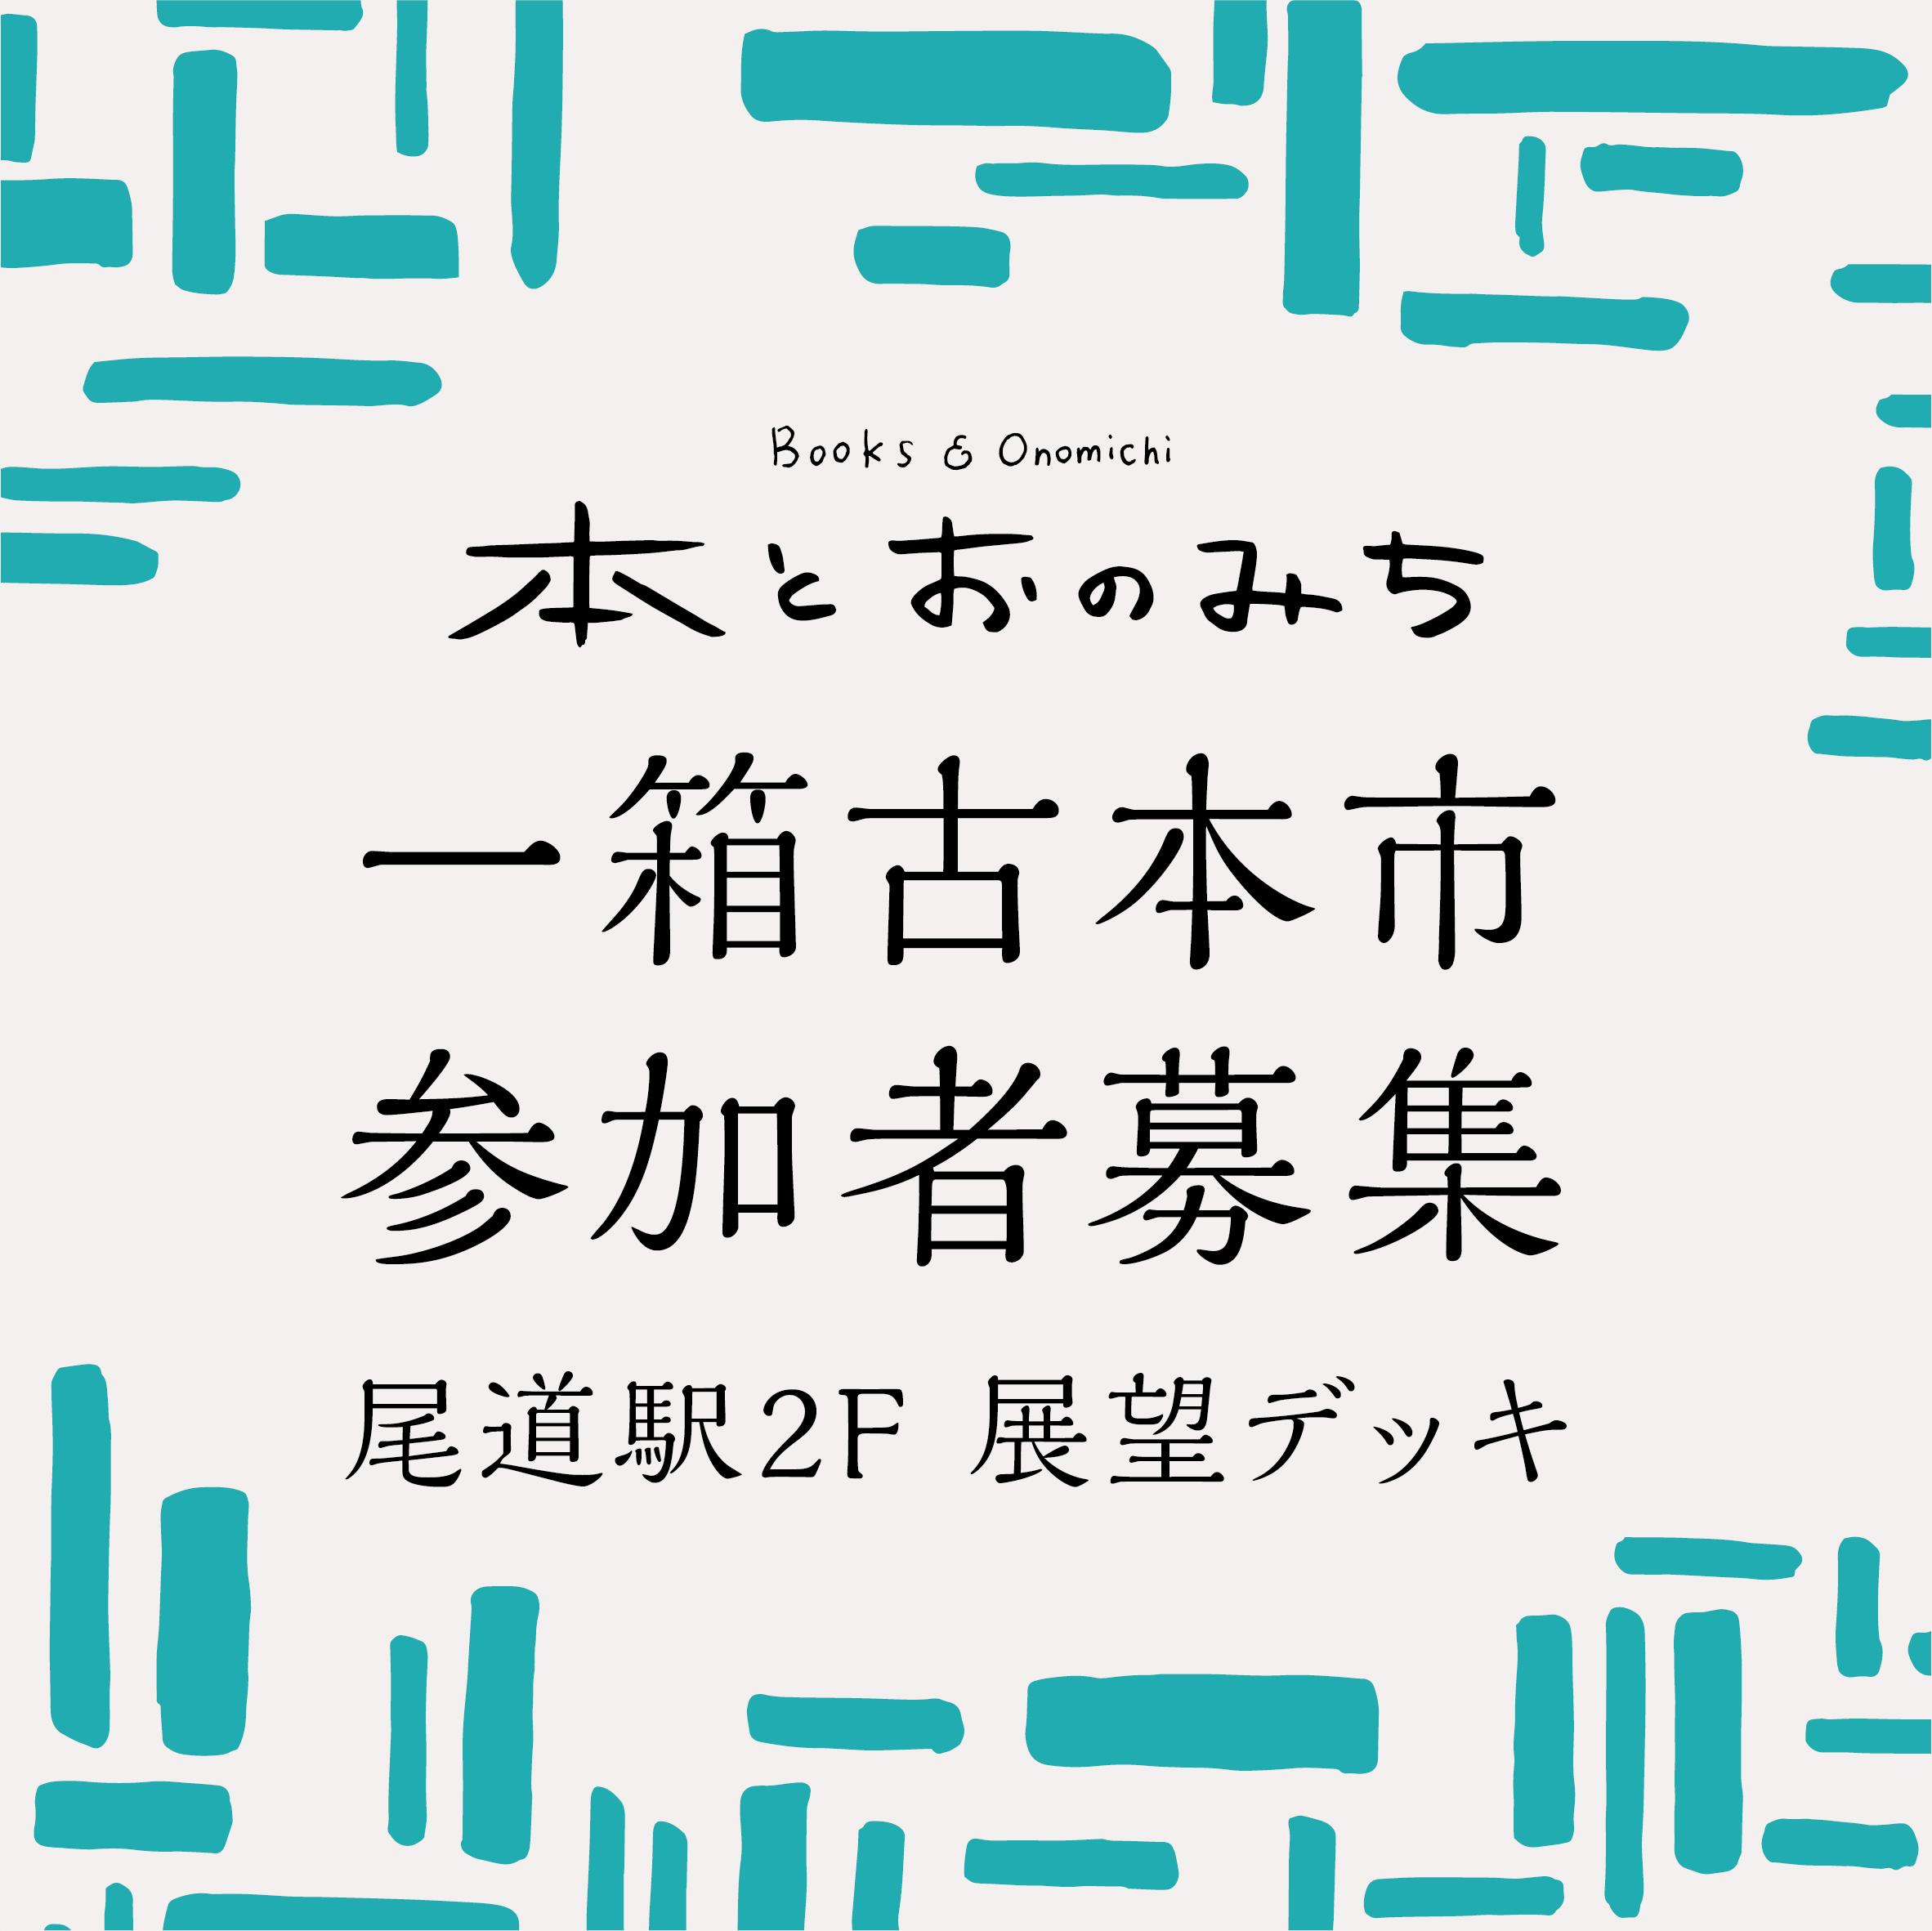 「本とおのみち」一箱古本市参加者募集!